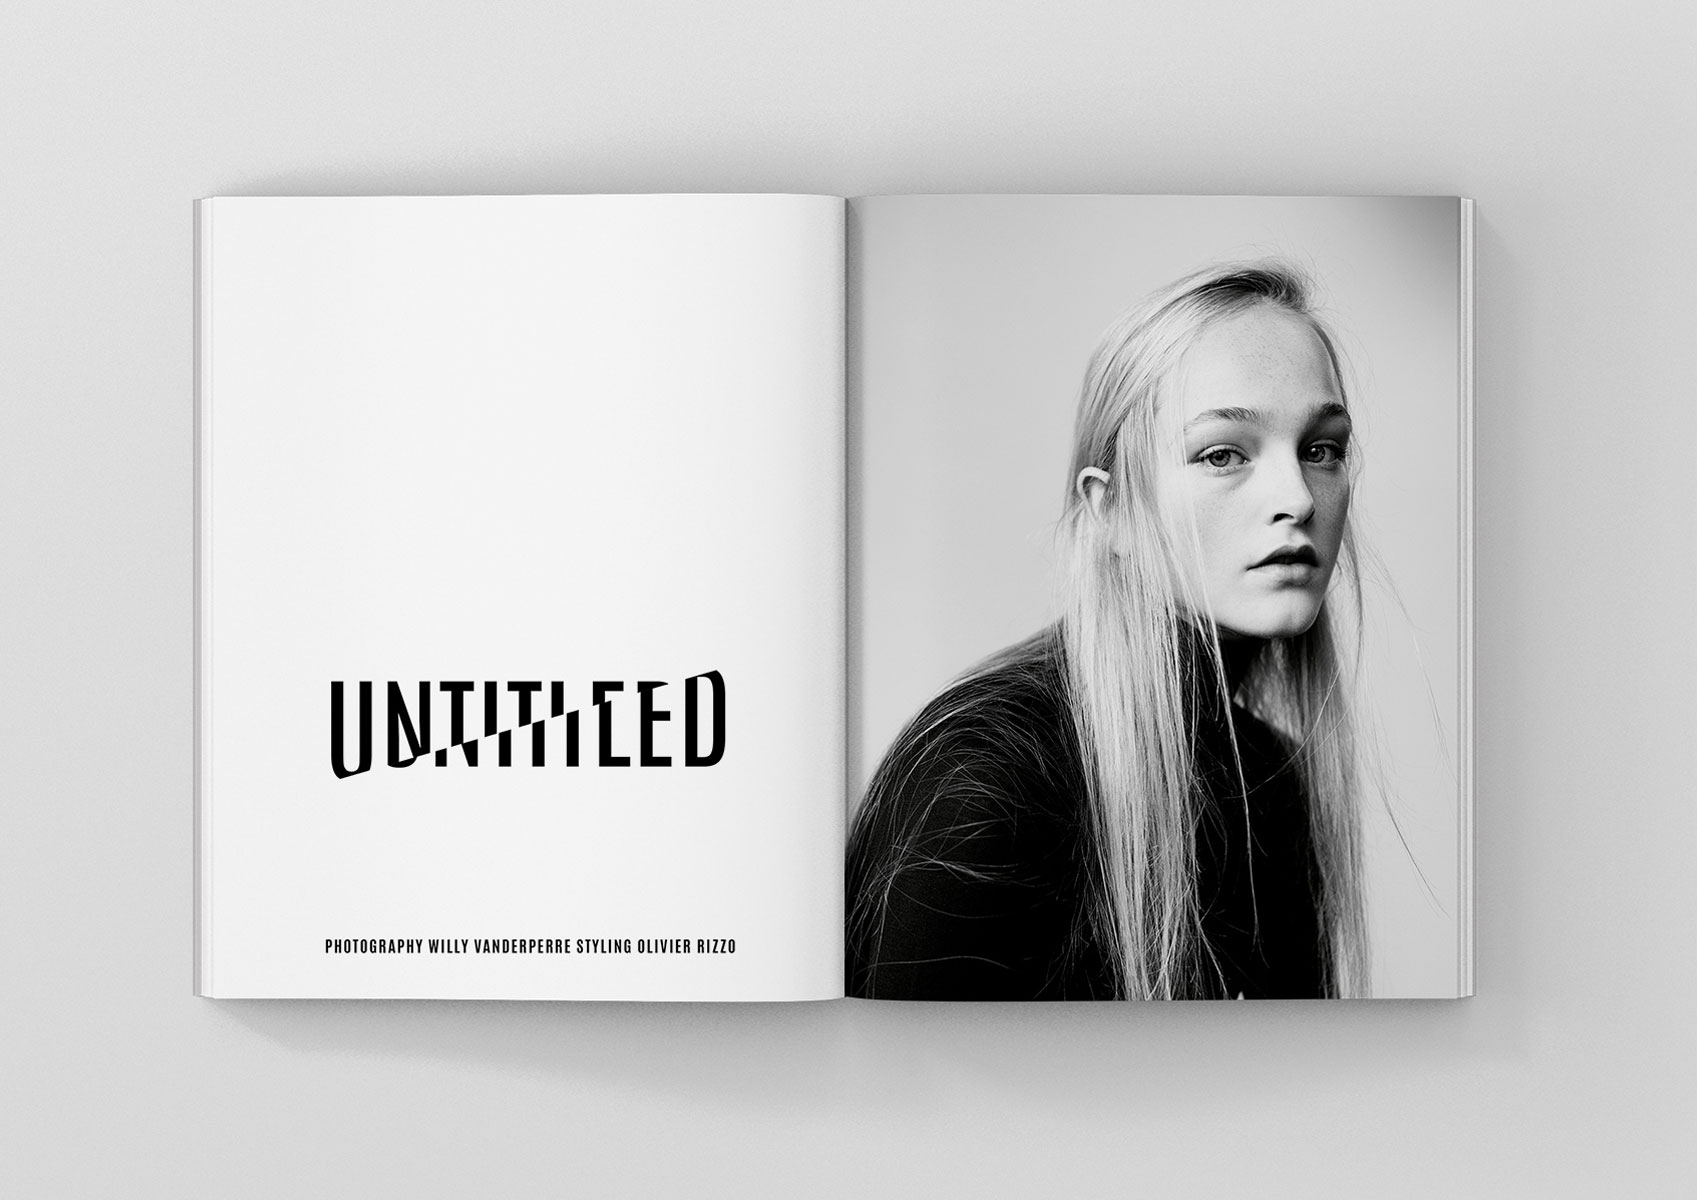 nicoletta-dalfino-dust-magazine-10-spread1